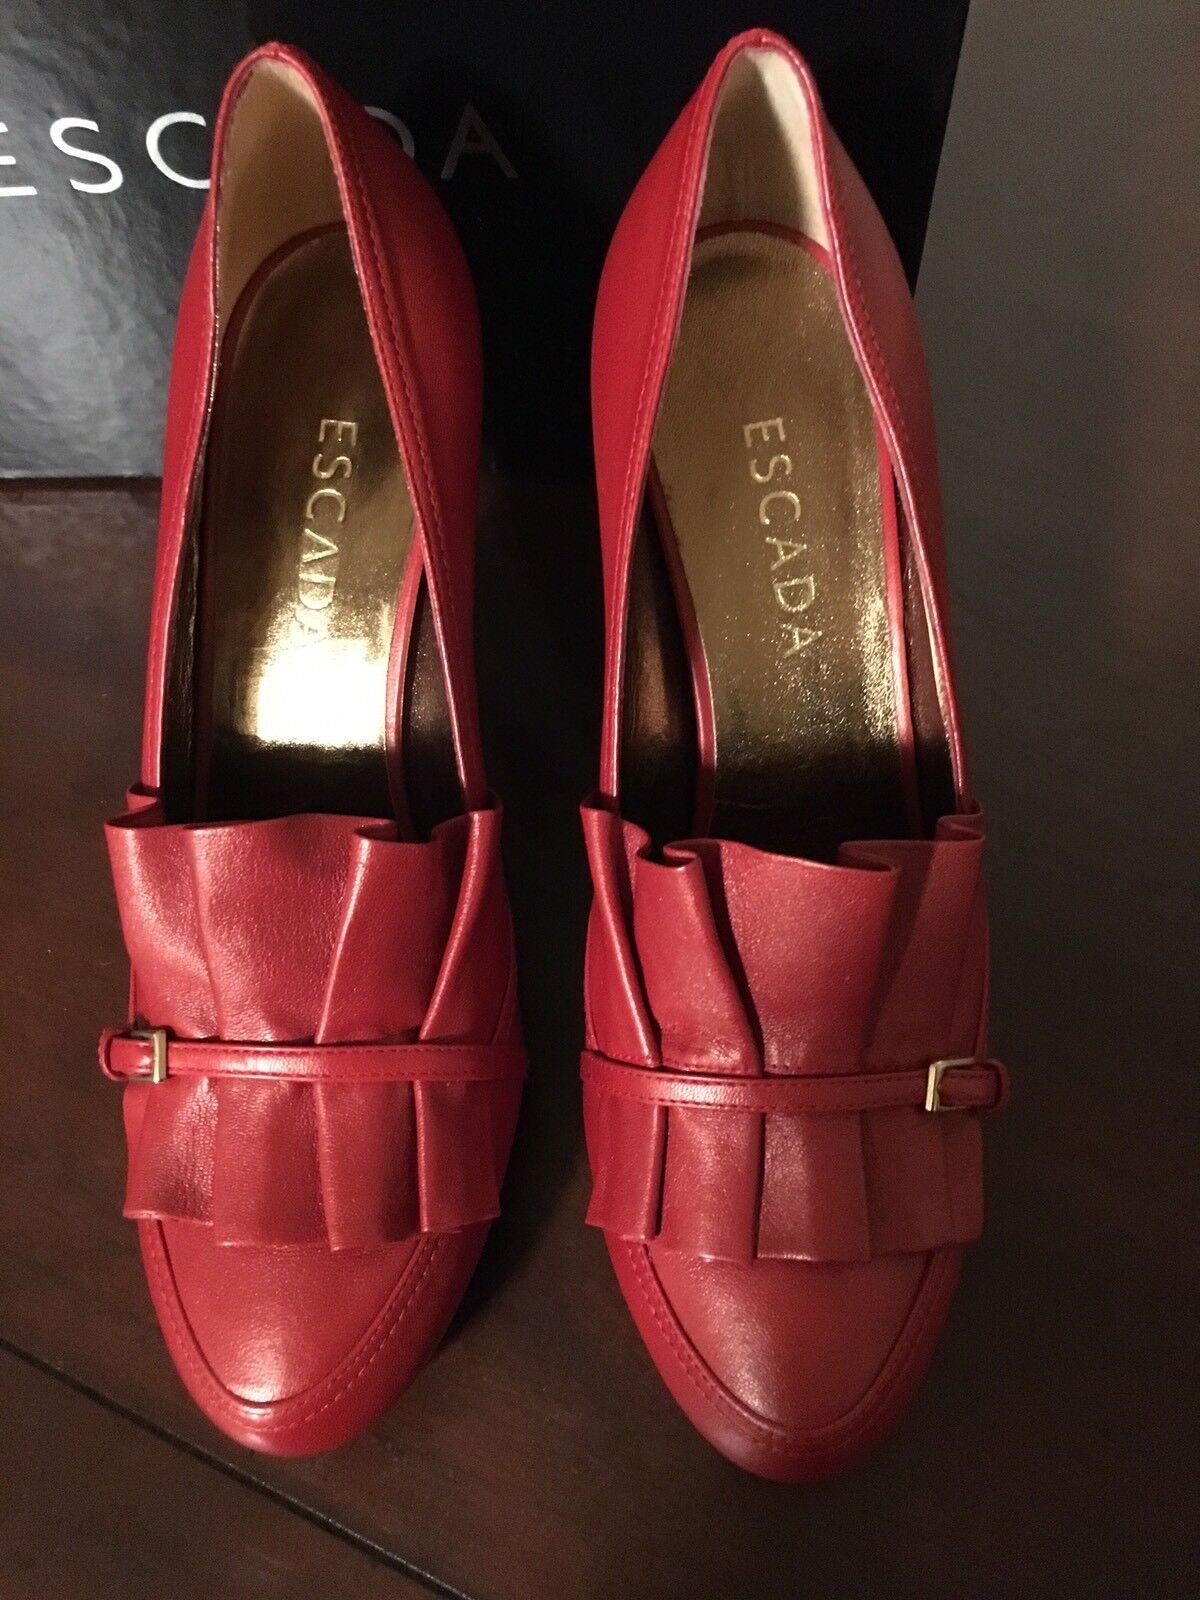 Nuevos Tacones Rojo Escada con kiltieTalla kiltieTalla kiltieTalla 8 Hecho en Italia Orig.  450.00  connotación de lujo discreta